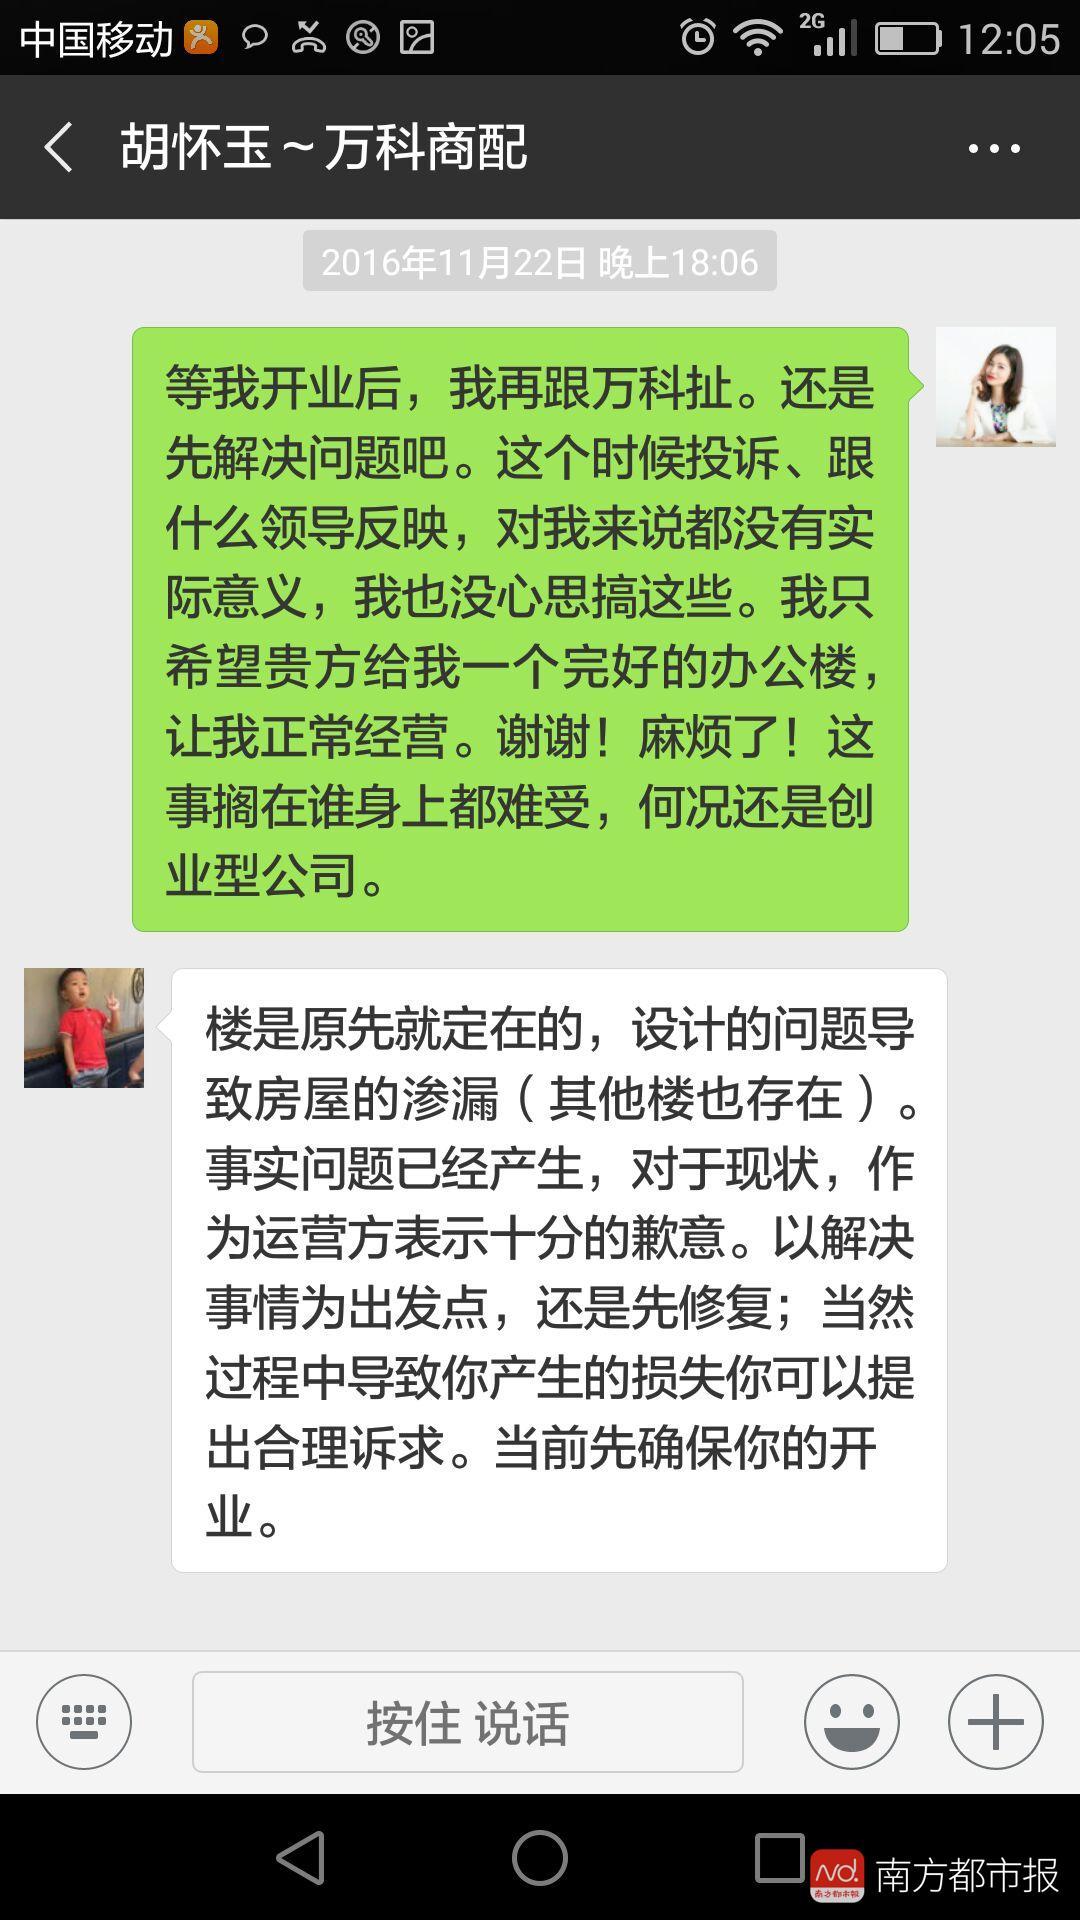 2016年,万科相关负责人向张艳华承认,外墙漏水是由设计所致(张艳华提供).jpg